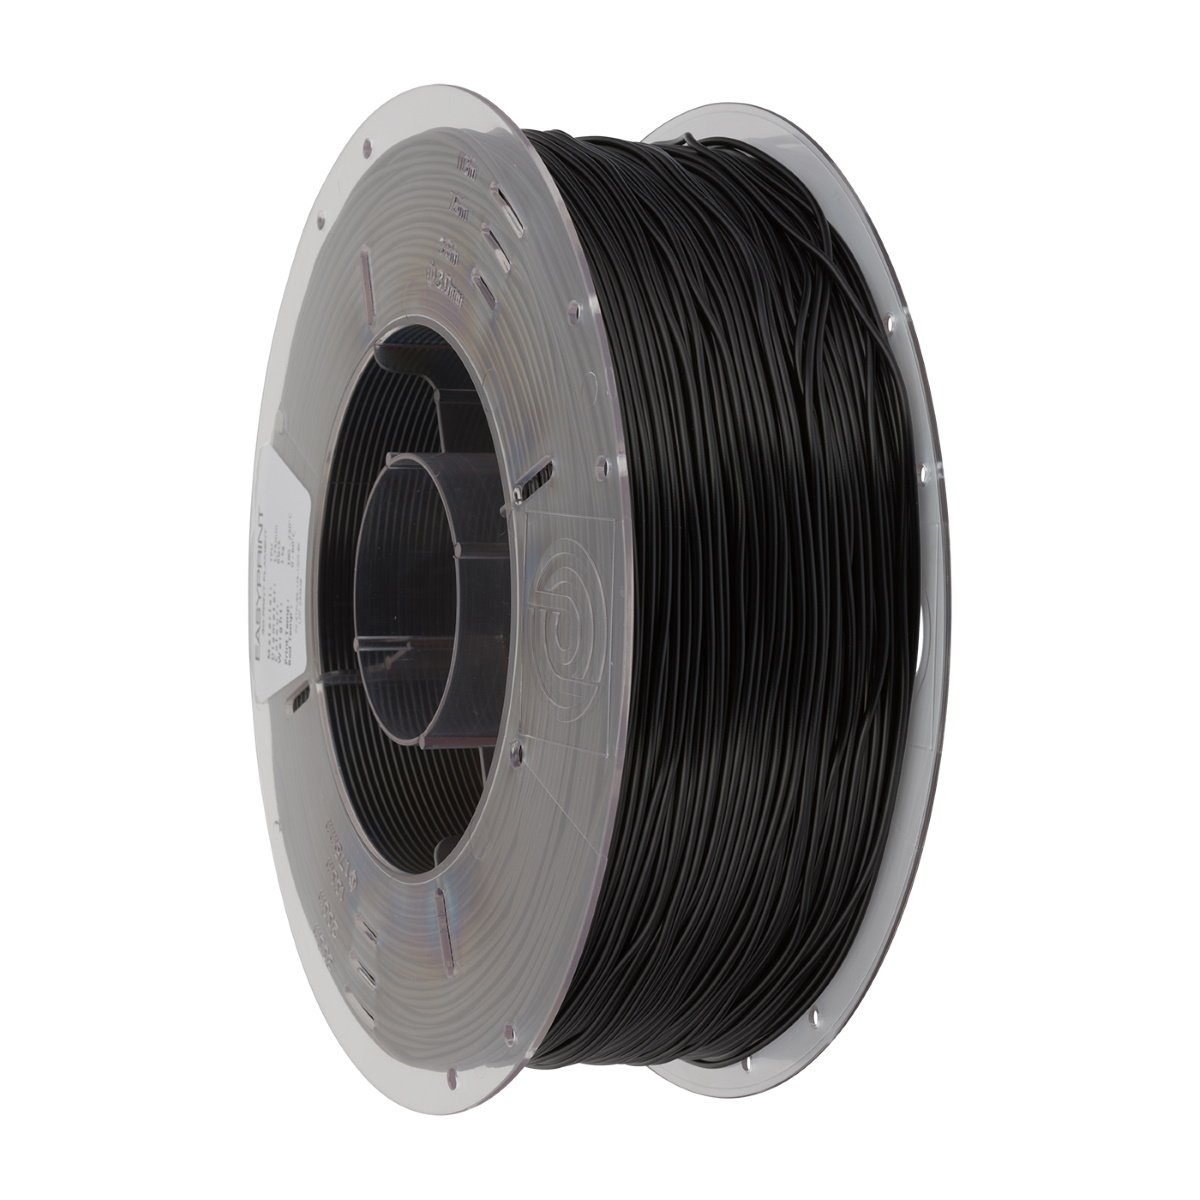 Image of PrimaCreator™ EasyPrint FLEX 95A - 1.75mm - 1 kg - Black